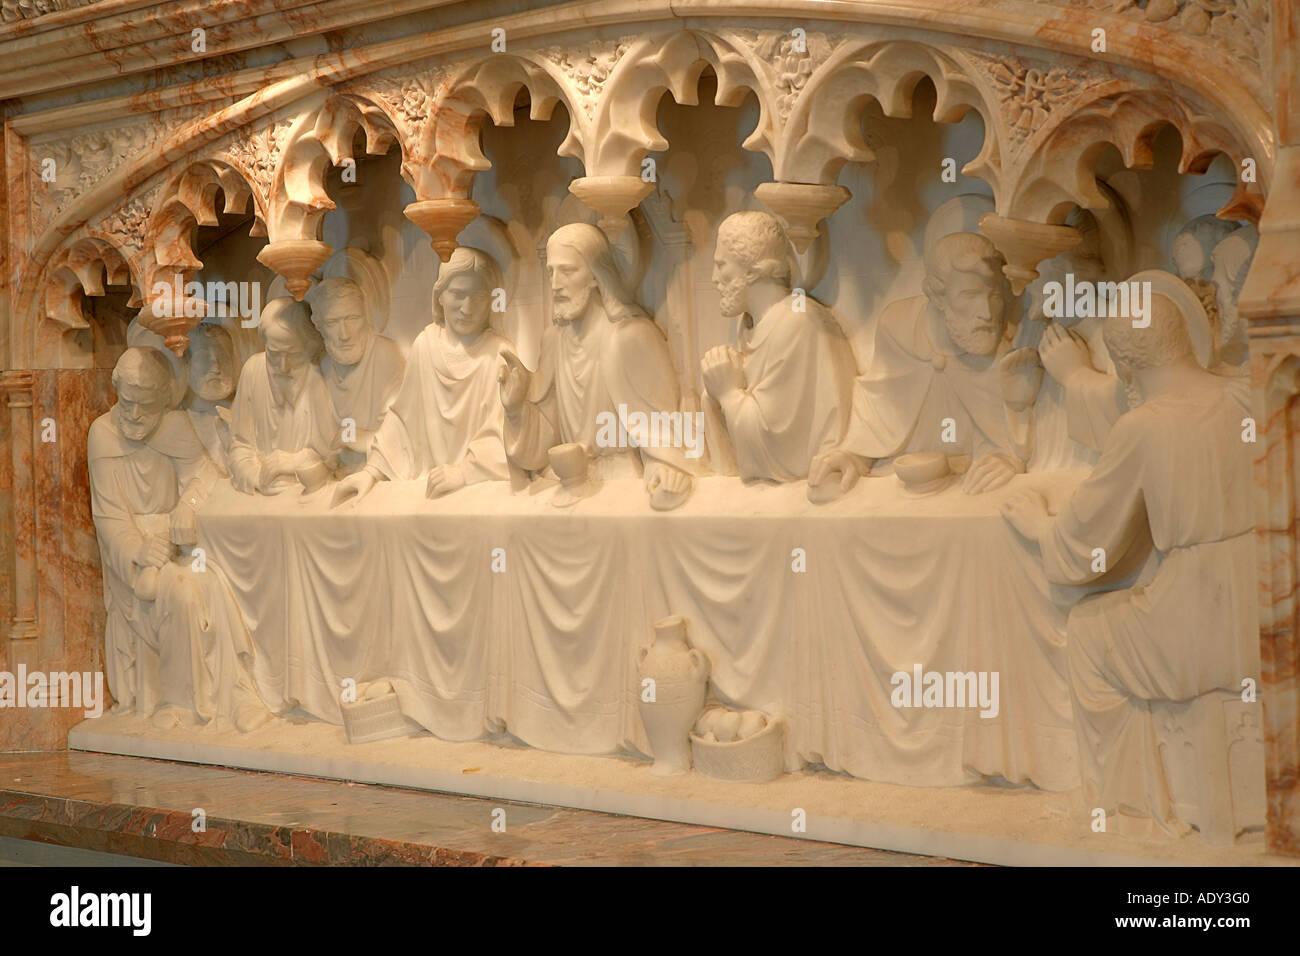 Modern Last Supper Sculpture Wall Art Collection - The Wall Art ...